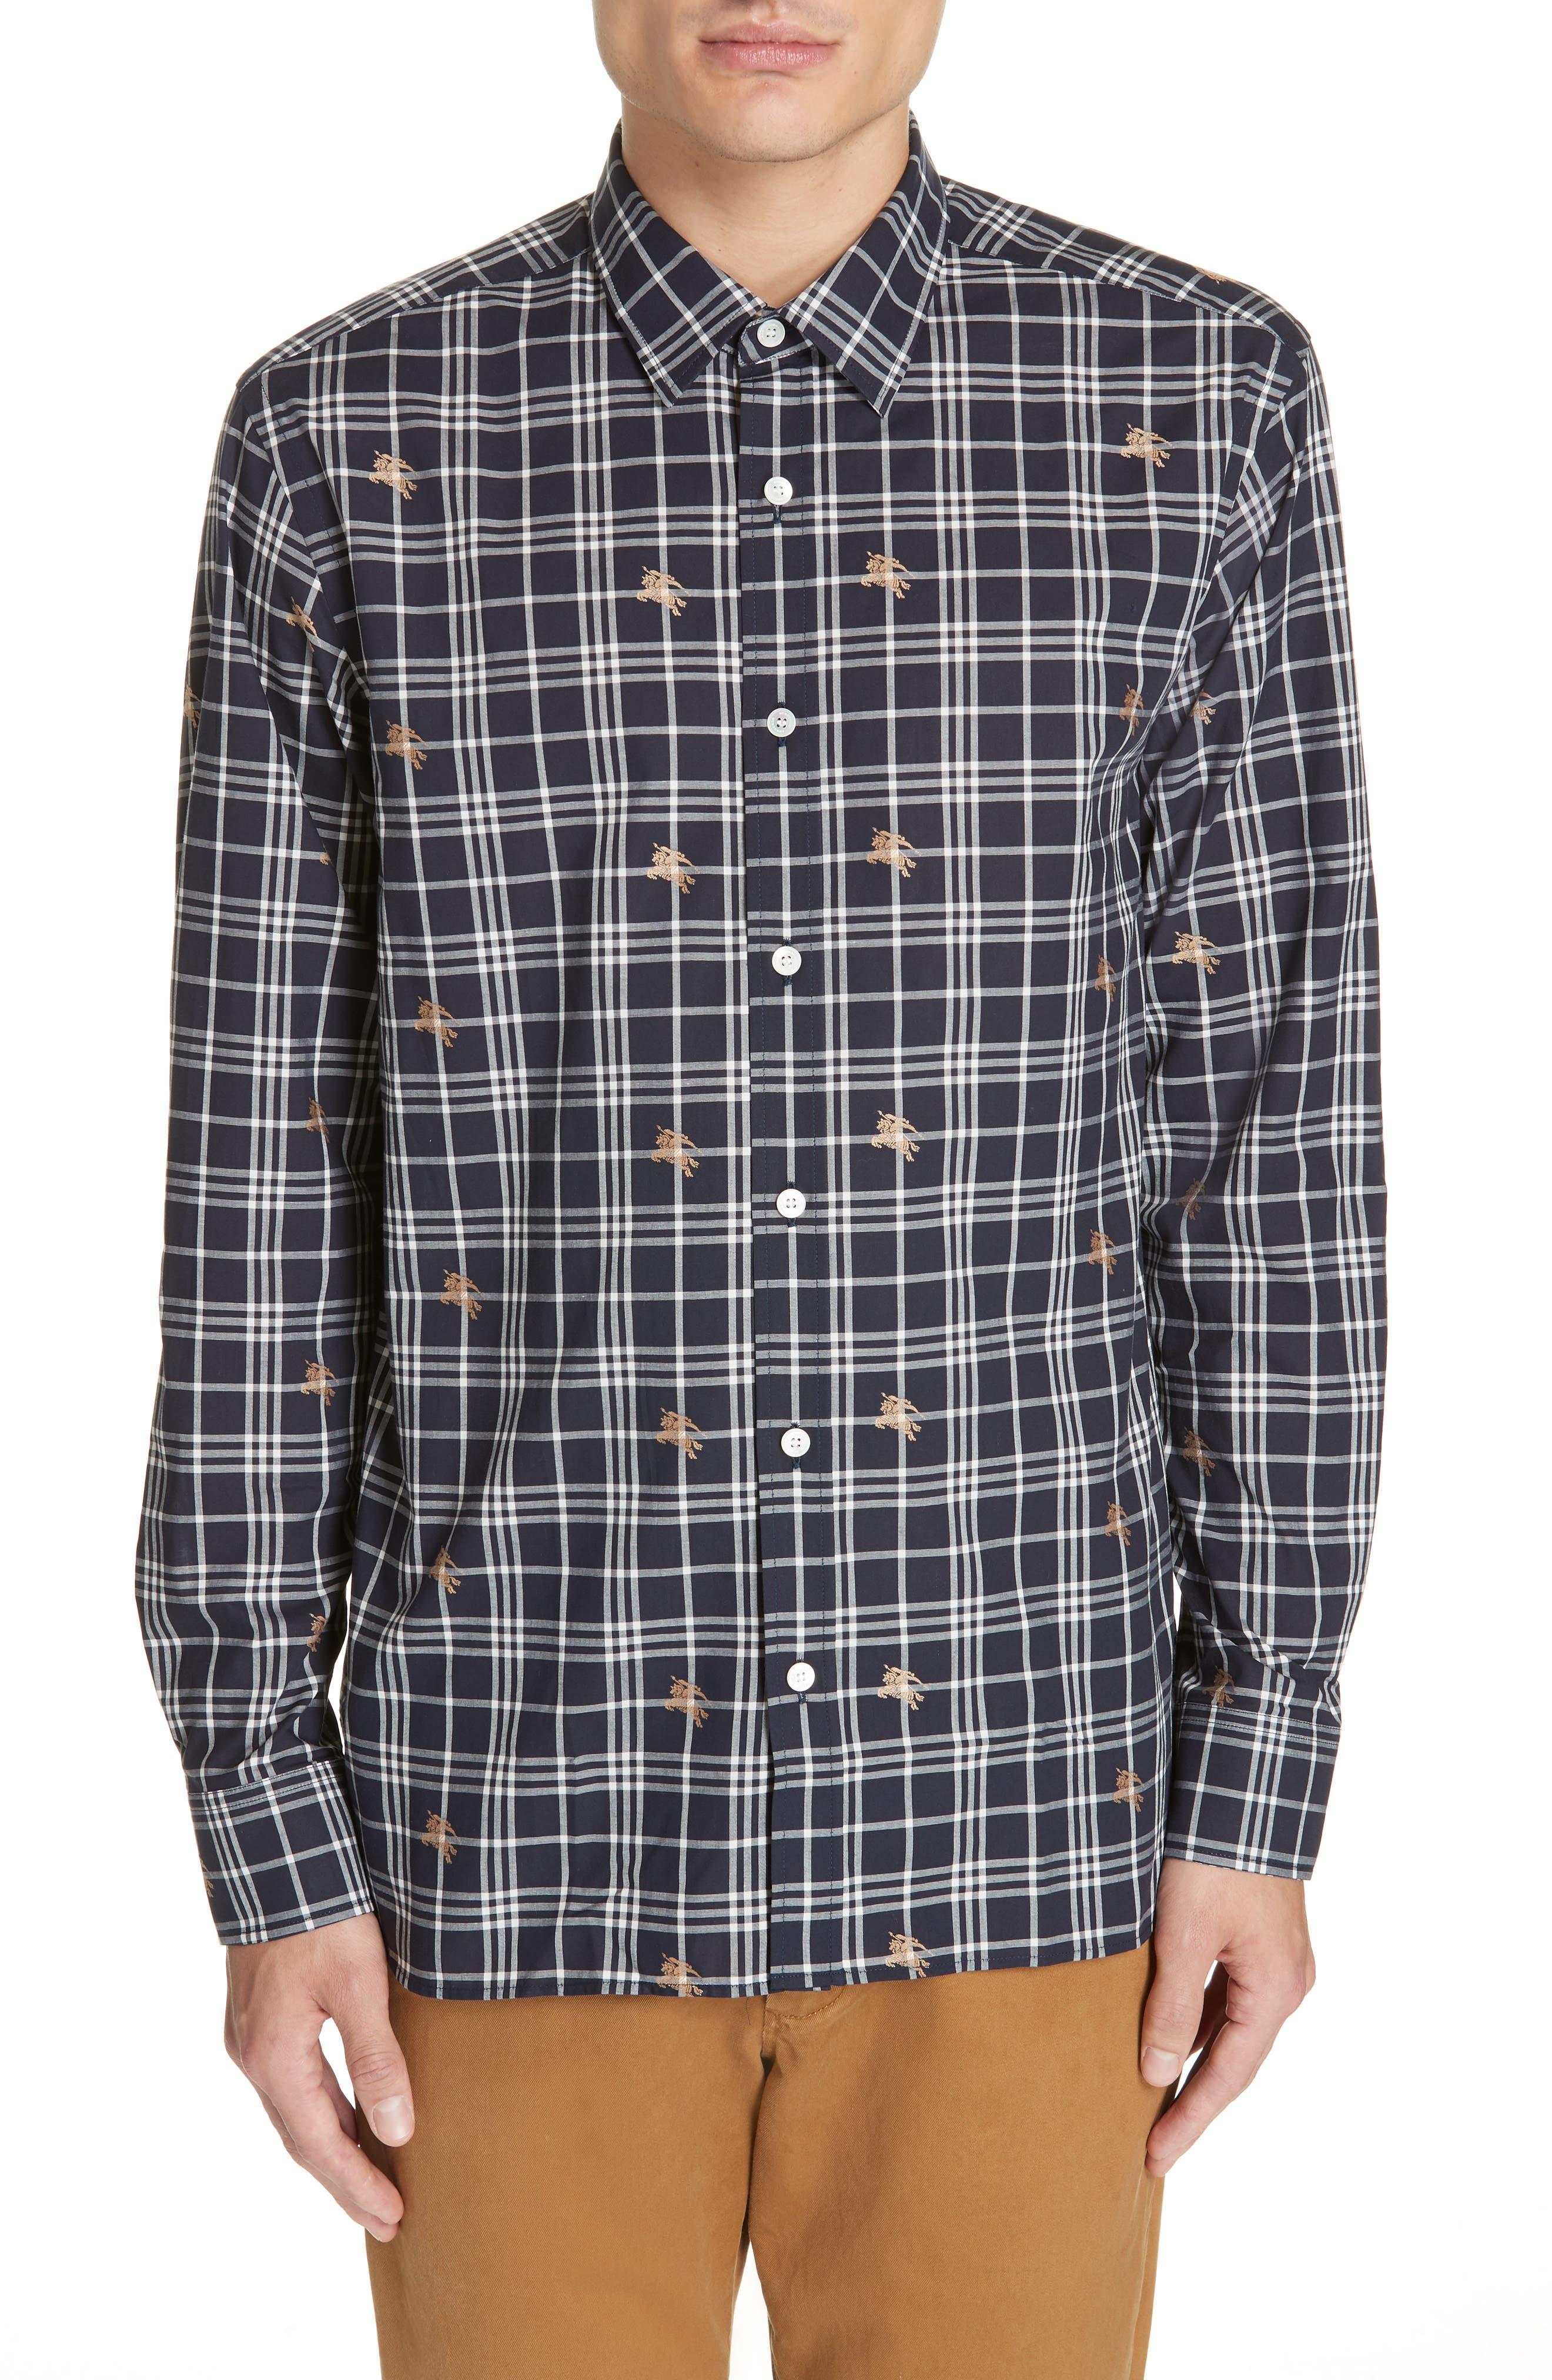 Edward Check Sport Shirt,                         Main,                         color, NAVY